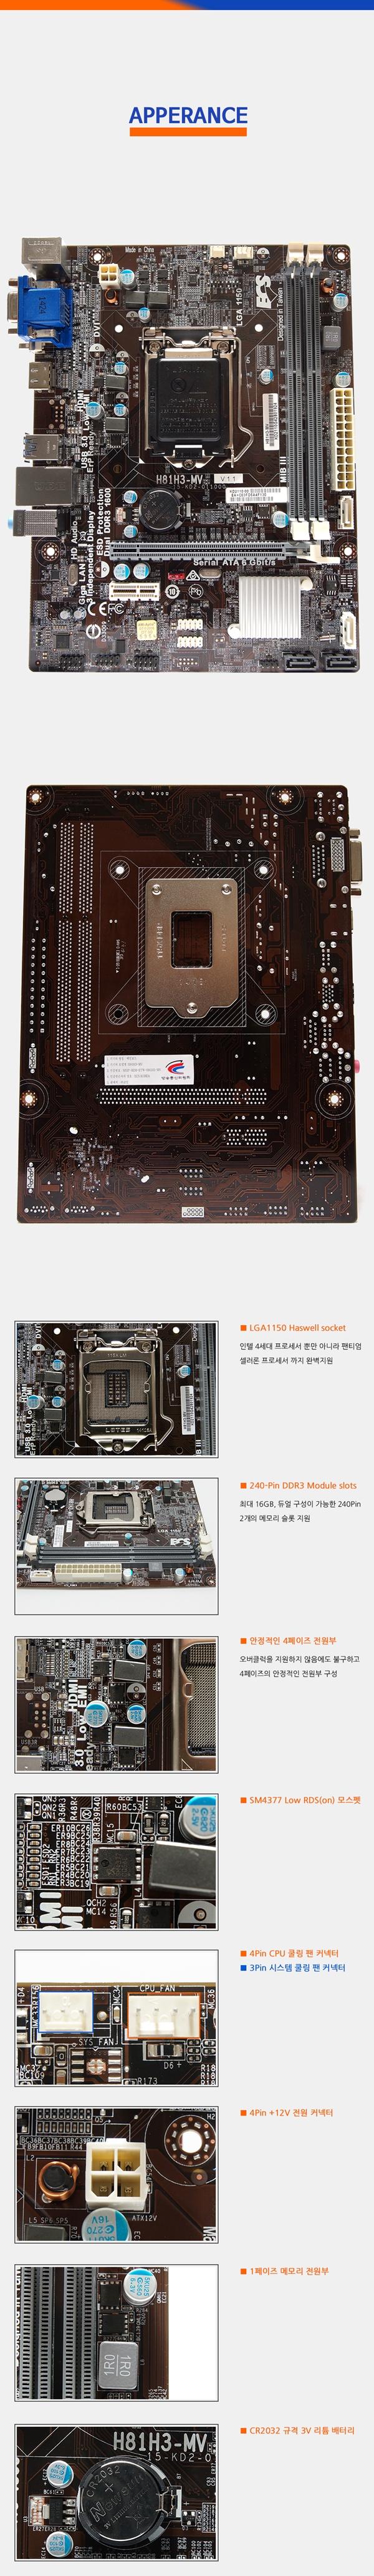 ECS H81H3 MV외형.jpg